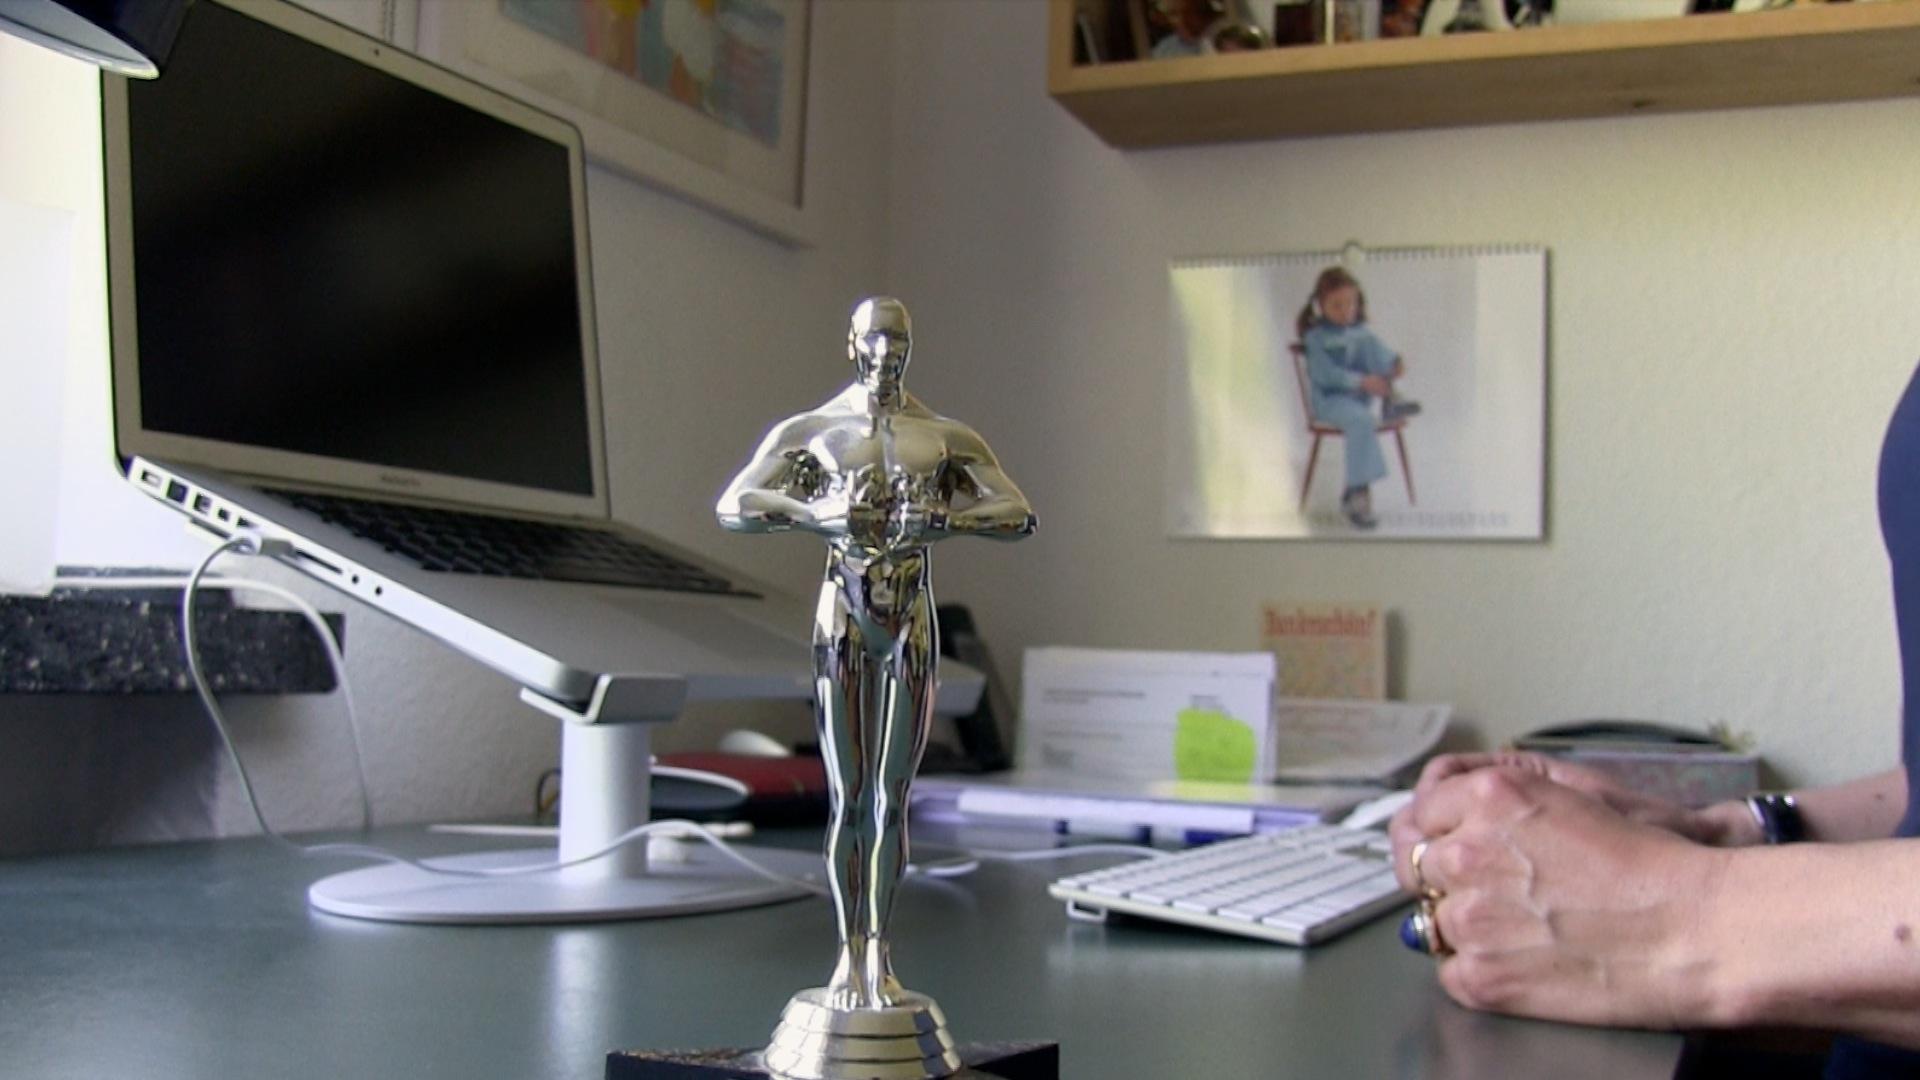 Filmproduzentin mit Oscar für jobaspekte.de